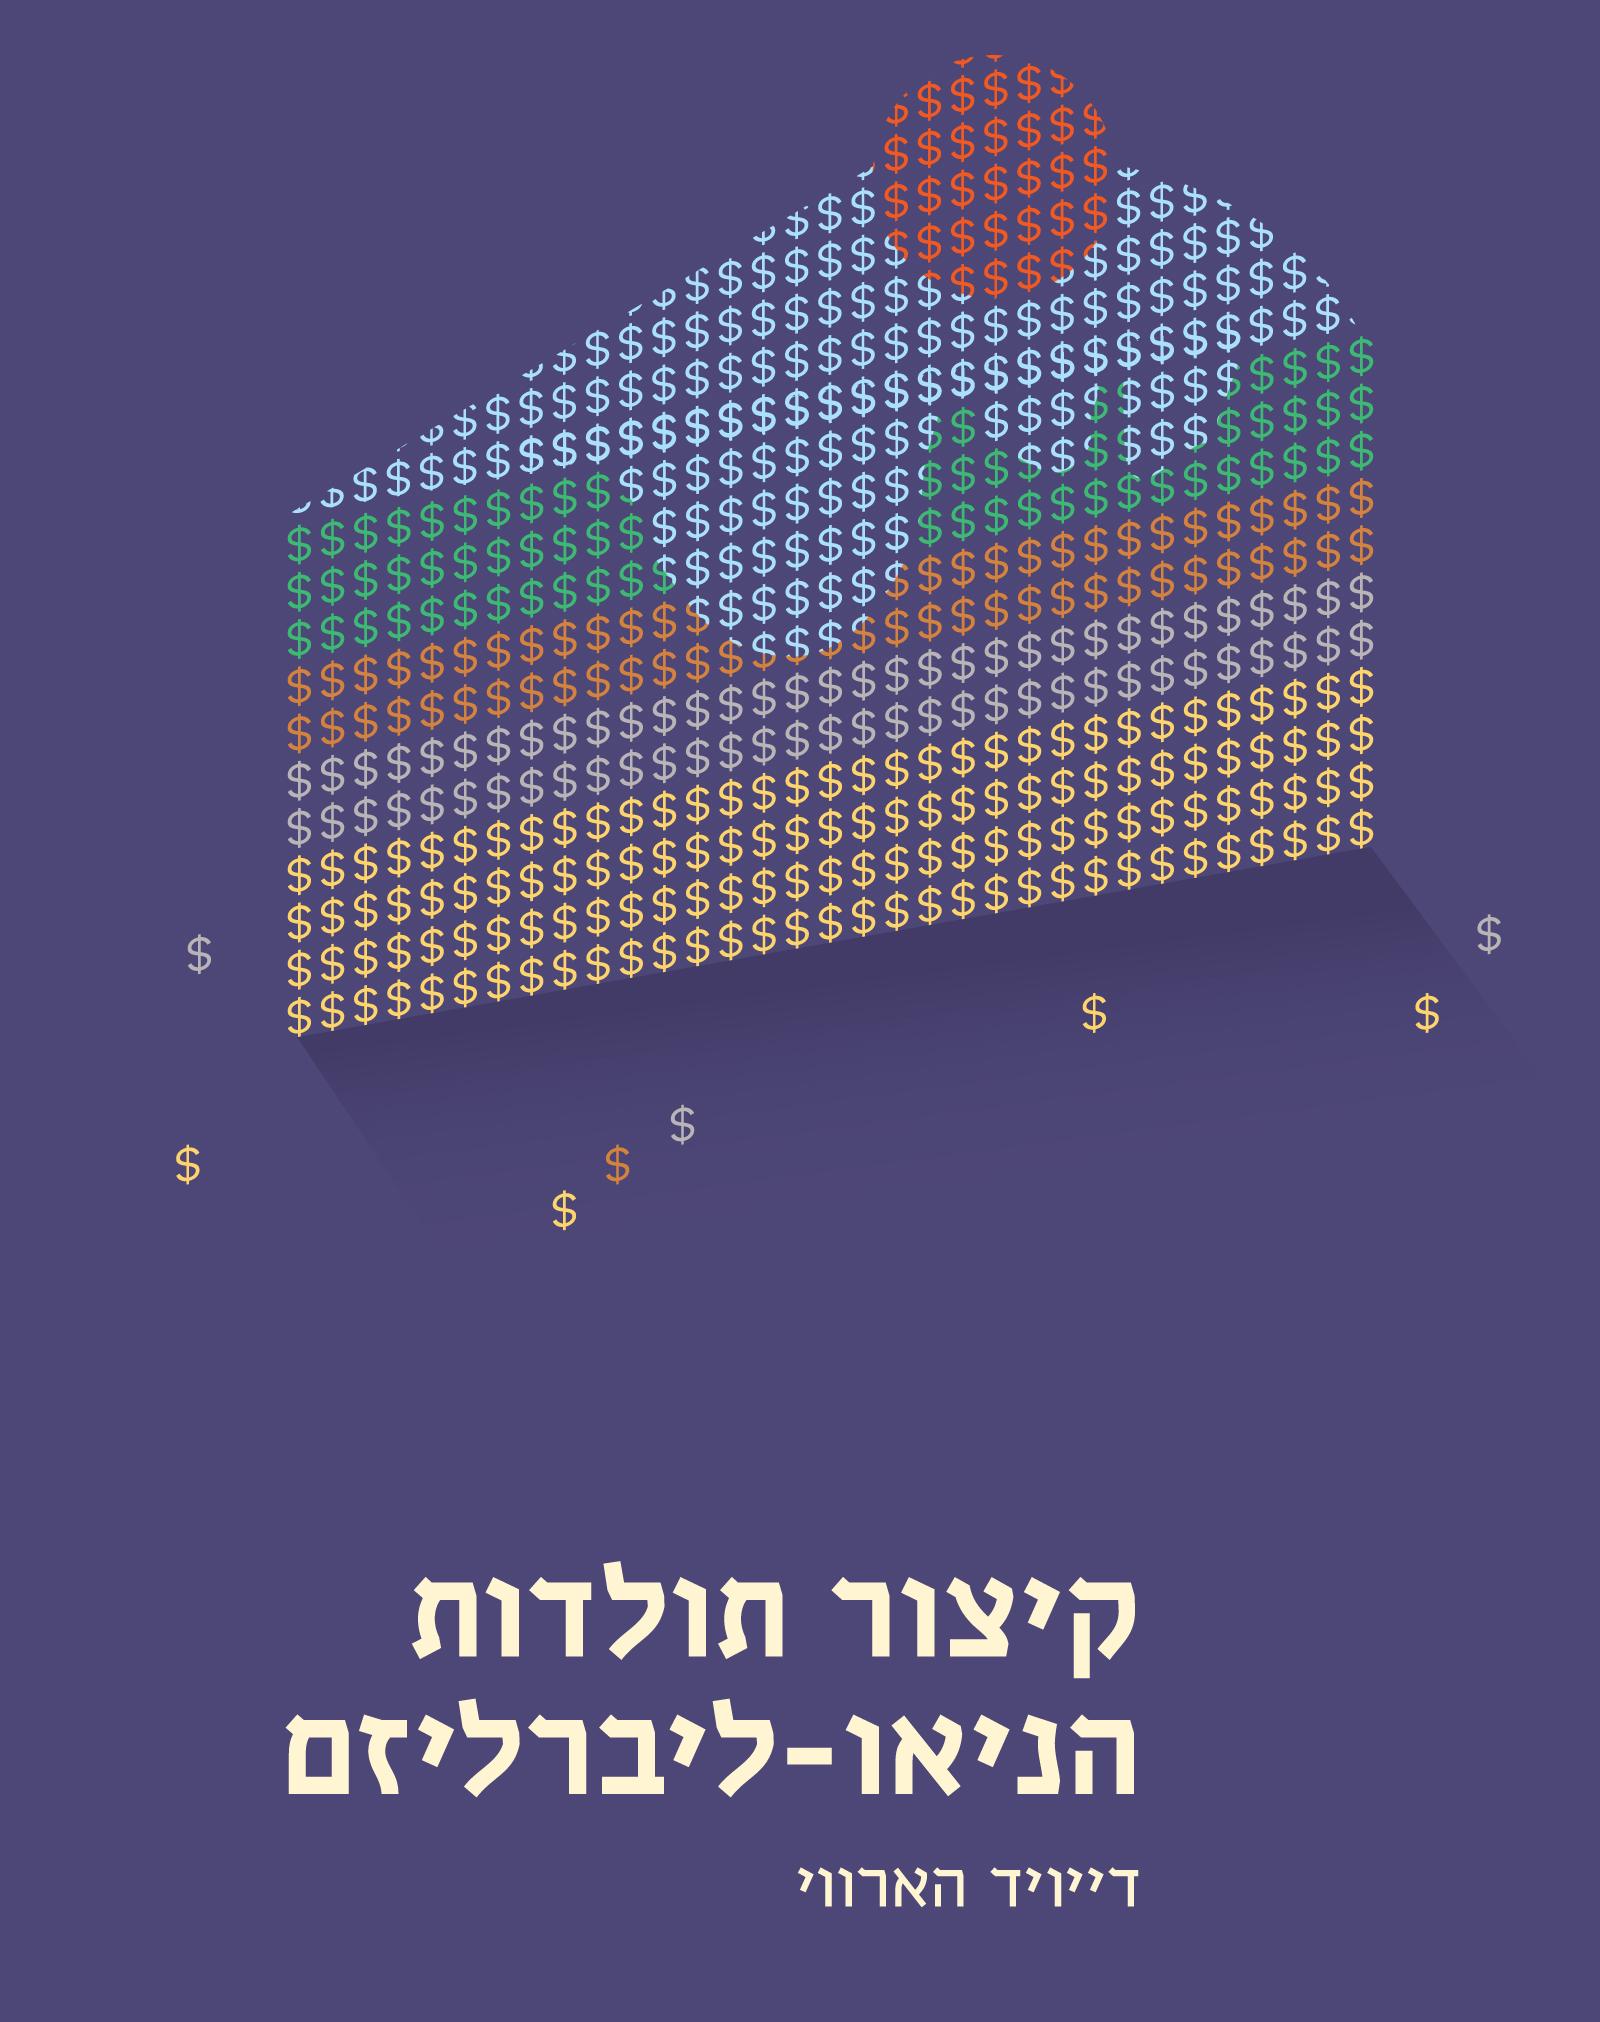 """עטיפת הספר """"קיצור תולדות הניאו-ליברליזם"""" מאת דיוויד הארווי (עיצוב: יוסף ברקוביץ')"""